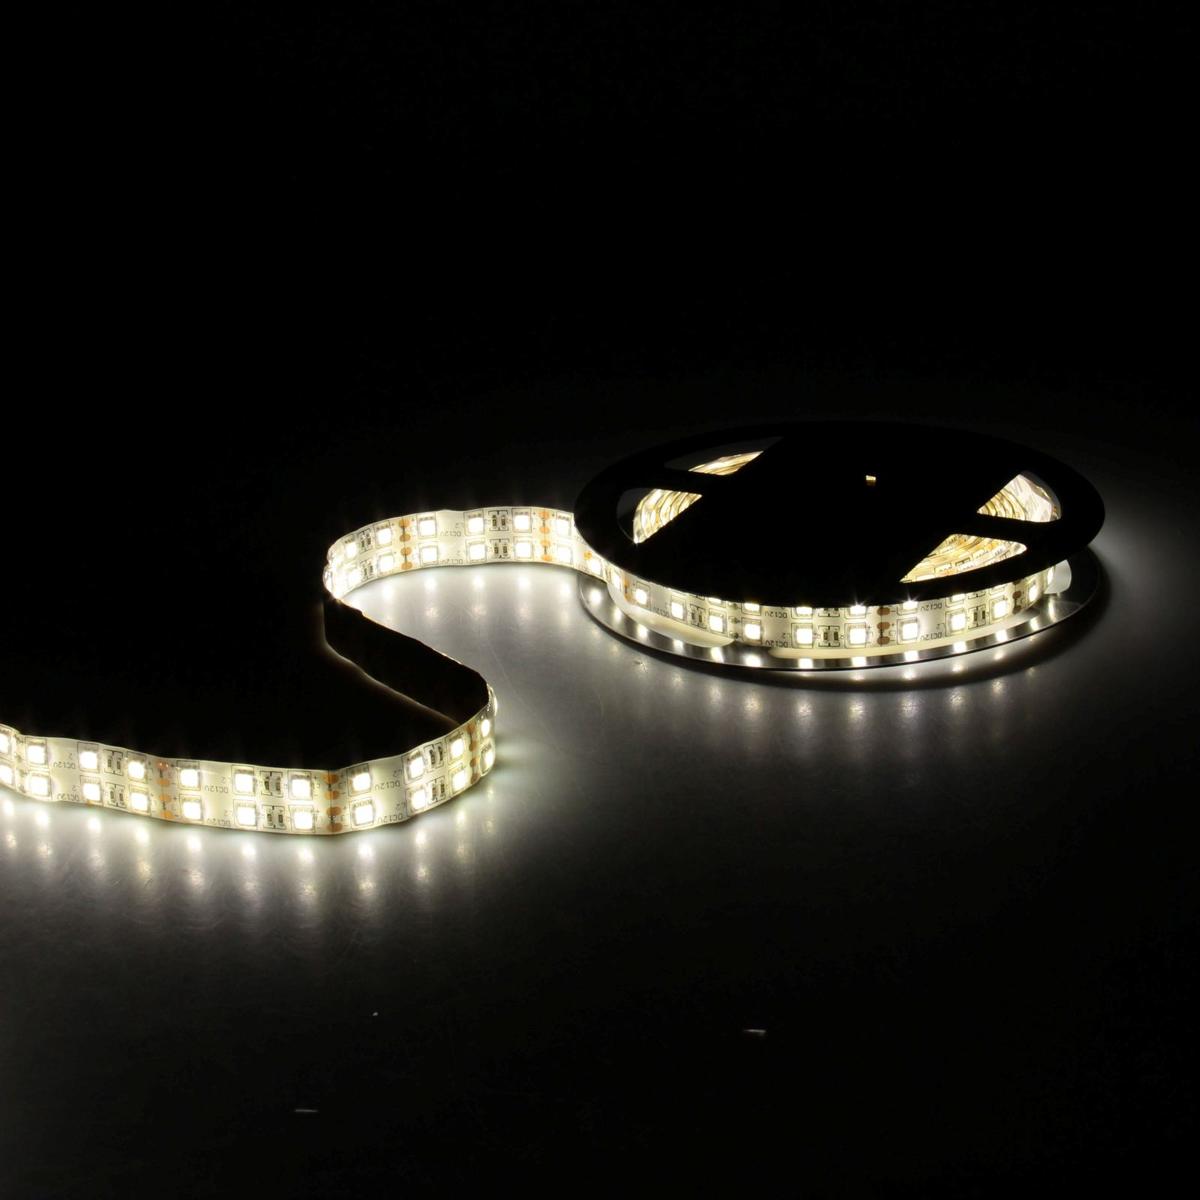 Светодиодная лента Sima-land, 12В, SMD5050, длина 5 м, IP65, 120 LED ламп, 28.8Вт/м, 10-12 Лм/1 LED, DC, цвет: теплый белый848562Светодиодные гирлянды, ленты и т.д — это отличный вариант для новогоднего оформления интерьера или фасада. С их помощью помещение любого размера можно превратить в праздничный зал, а внешние элементы зданий, украшенные ими, мгновенно станут напоминать очертания сказочного дворца. Такие украшения создают ауру предвкушения чуда. Деревья, фасады, витрины, окна и арки будто специально созданы, чтобы вы украсили их светящимися нитями.